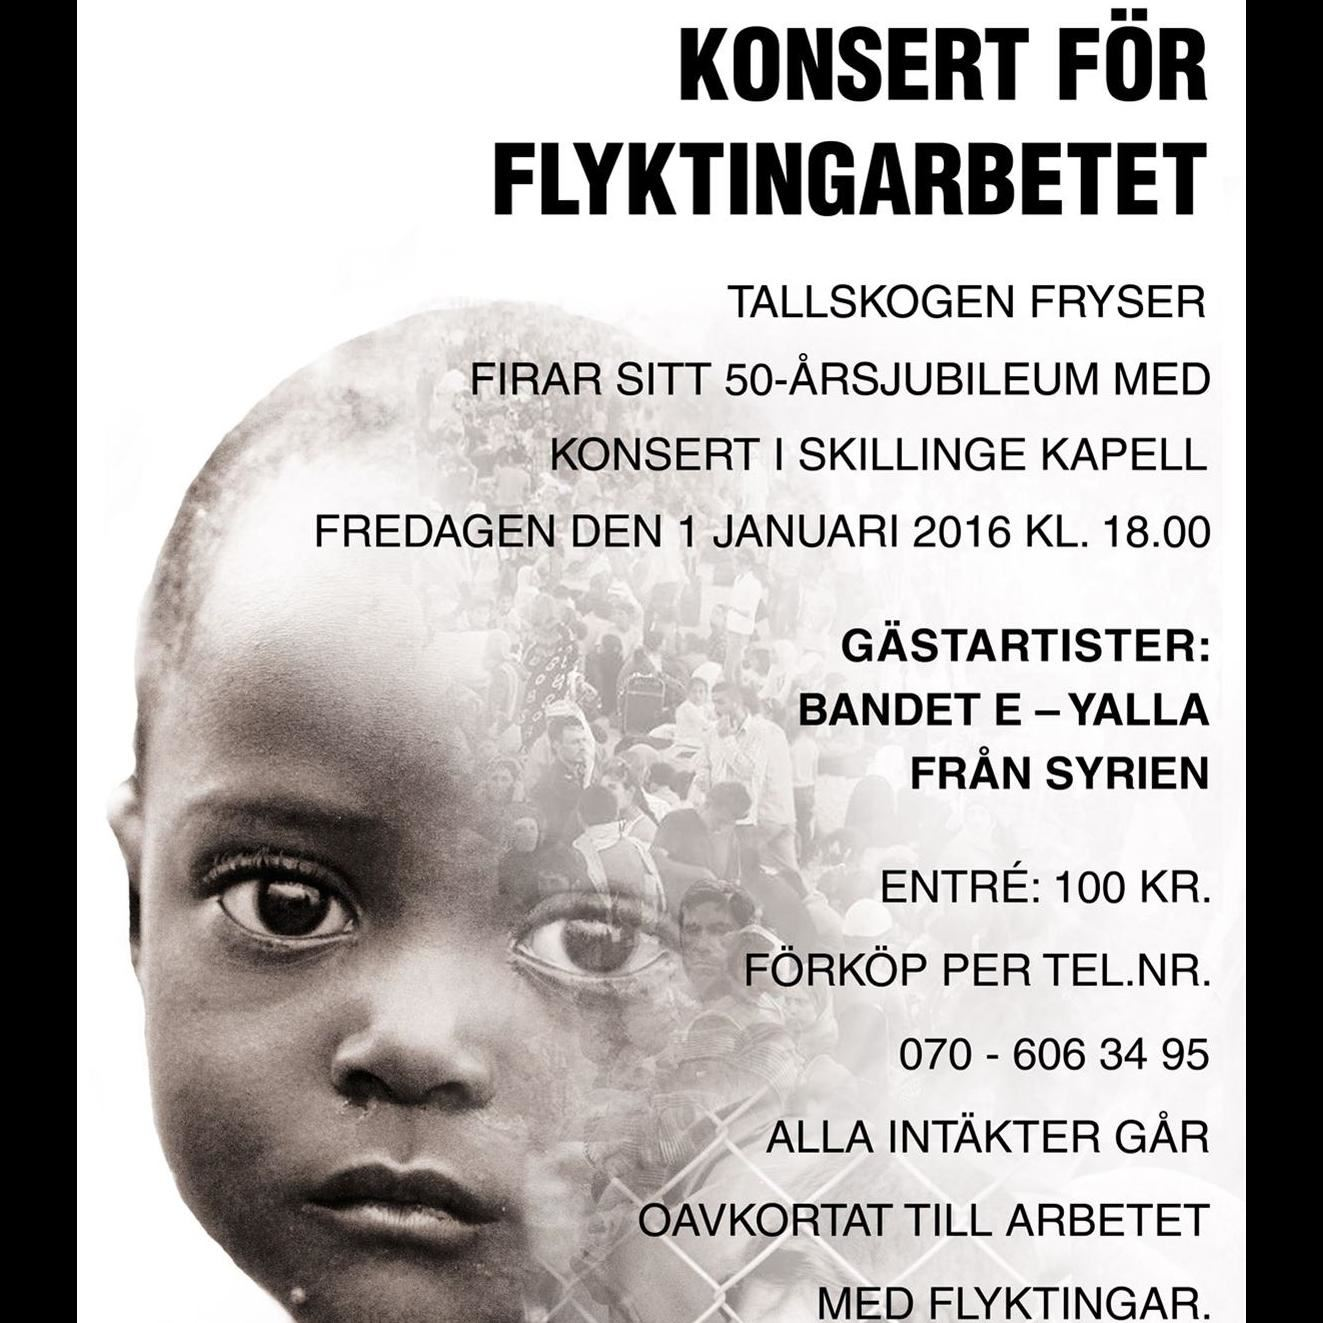 Konsert för flyktingarbetet